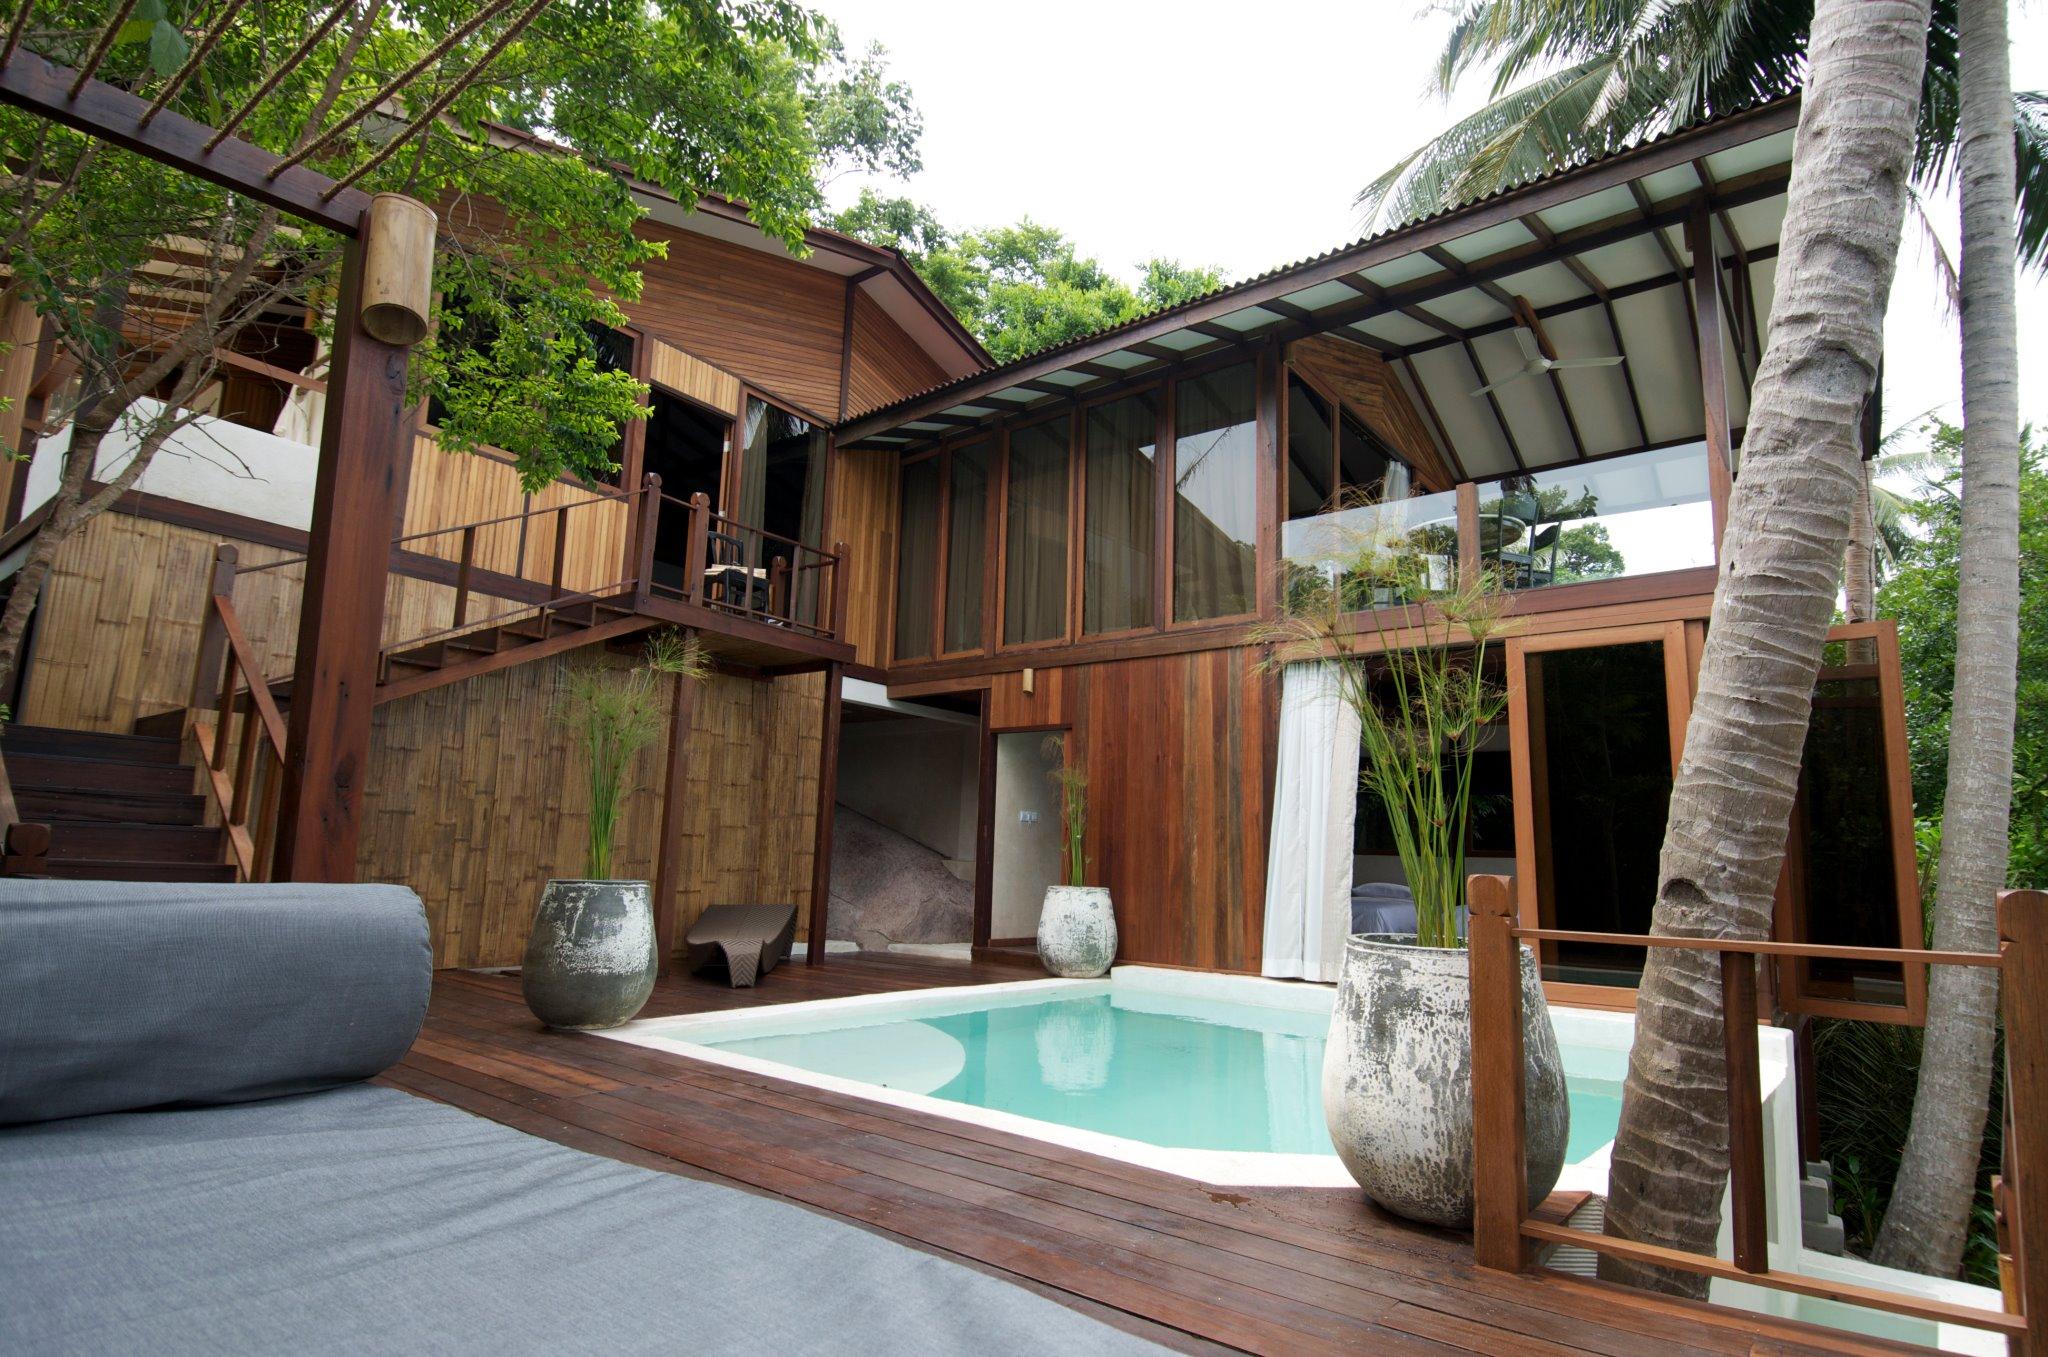 Image from Japamala Resorts